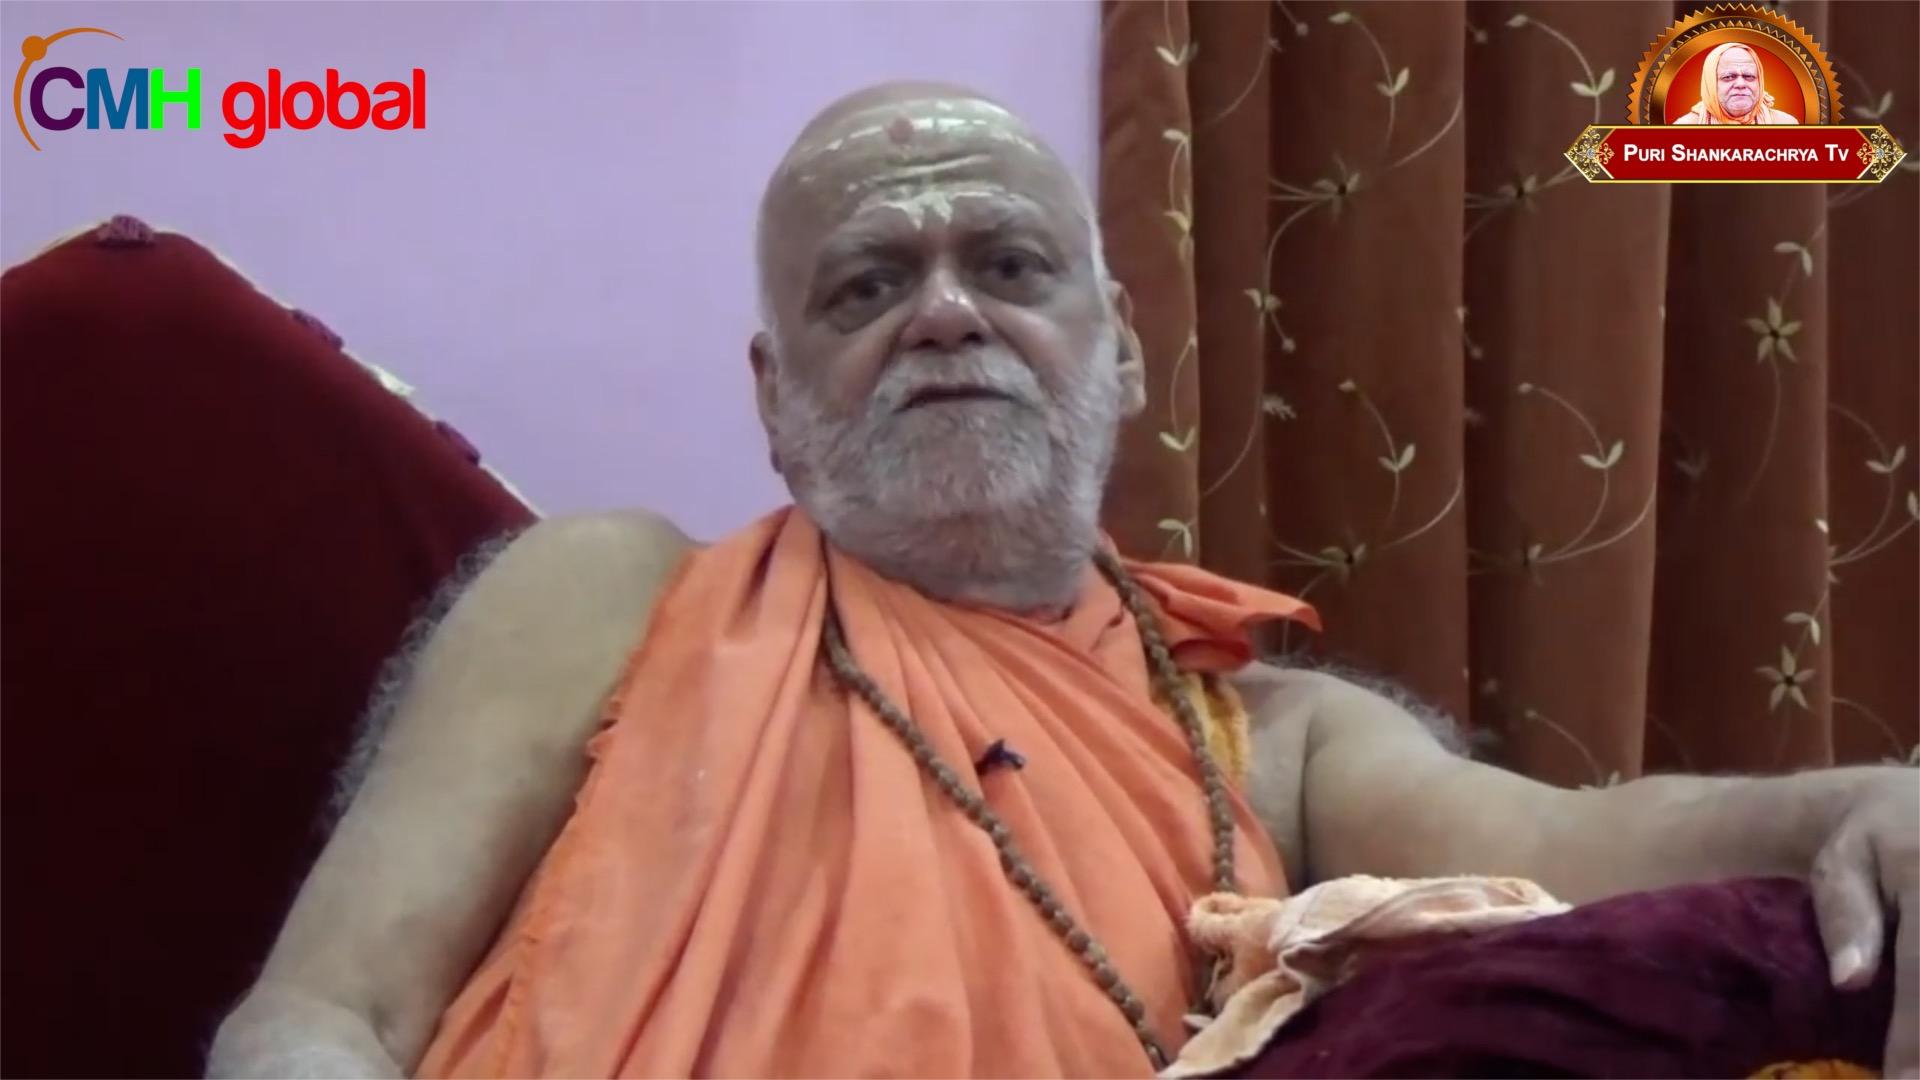 Gyan Dhara Ep -54 by Puri Shankaracharya Swami Nishchalananda Saraswati Ji